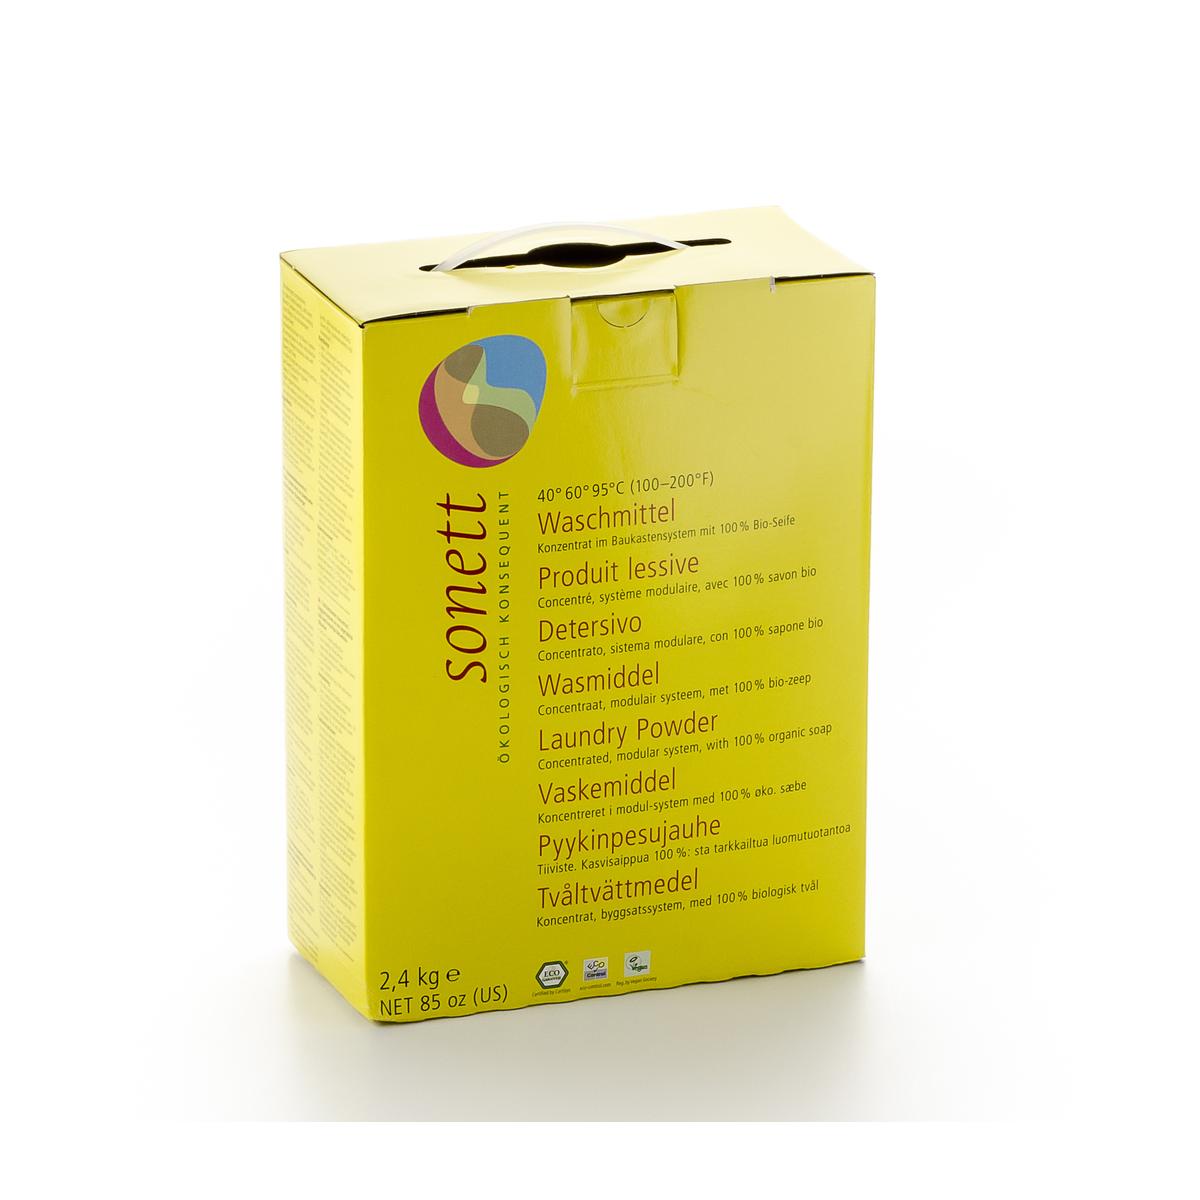 Waschmittel 40° 60° 95°C, Pulver Konzentrat Pack 2.4 kg - Sonett